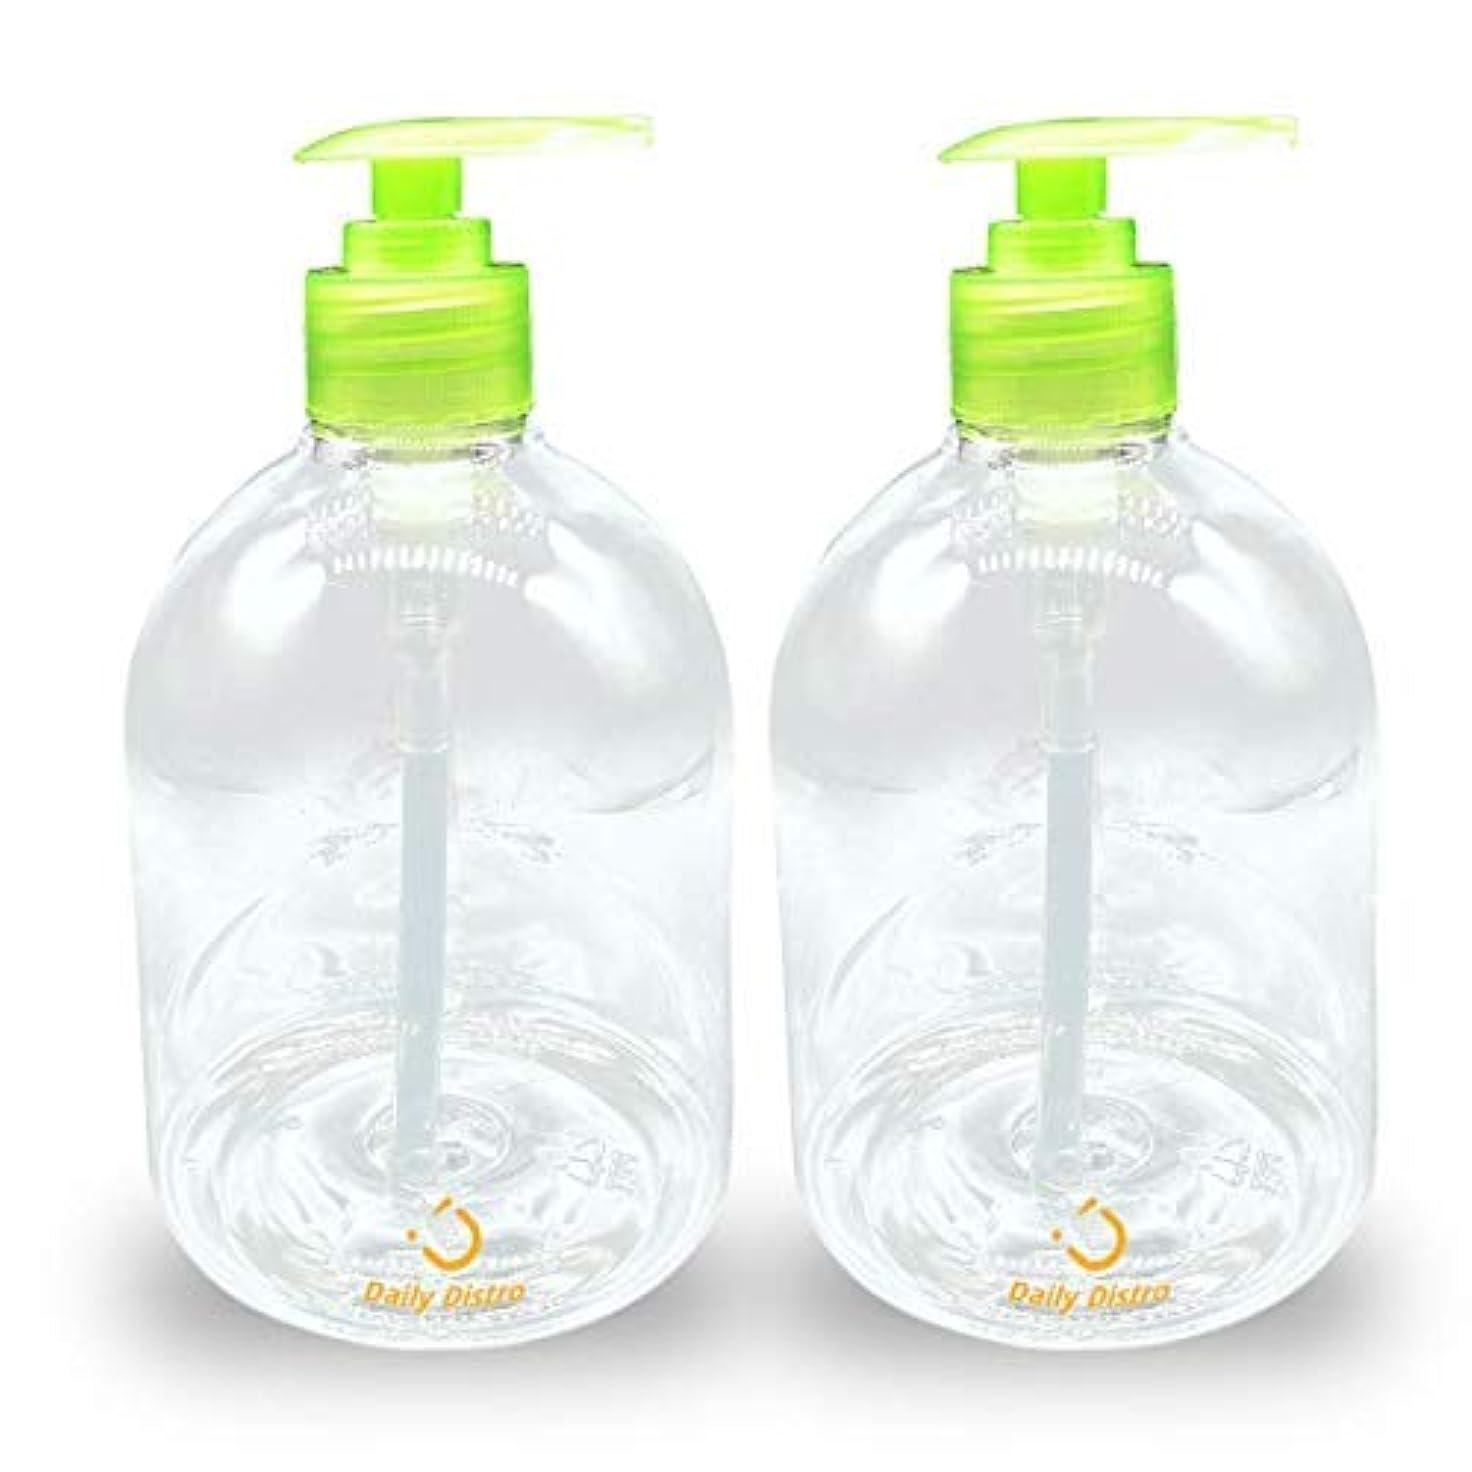 サンダルなめらかな抑圧するPack of 2 Clear PET Empty Bottle with Green Pump 16-Ounce, great for Essential Oils, Lotions, Liquid Soaps [並行輸入品]